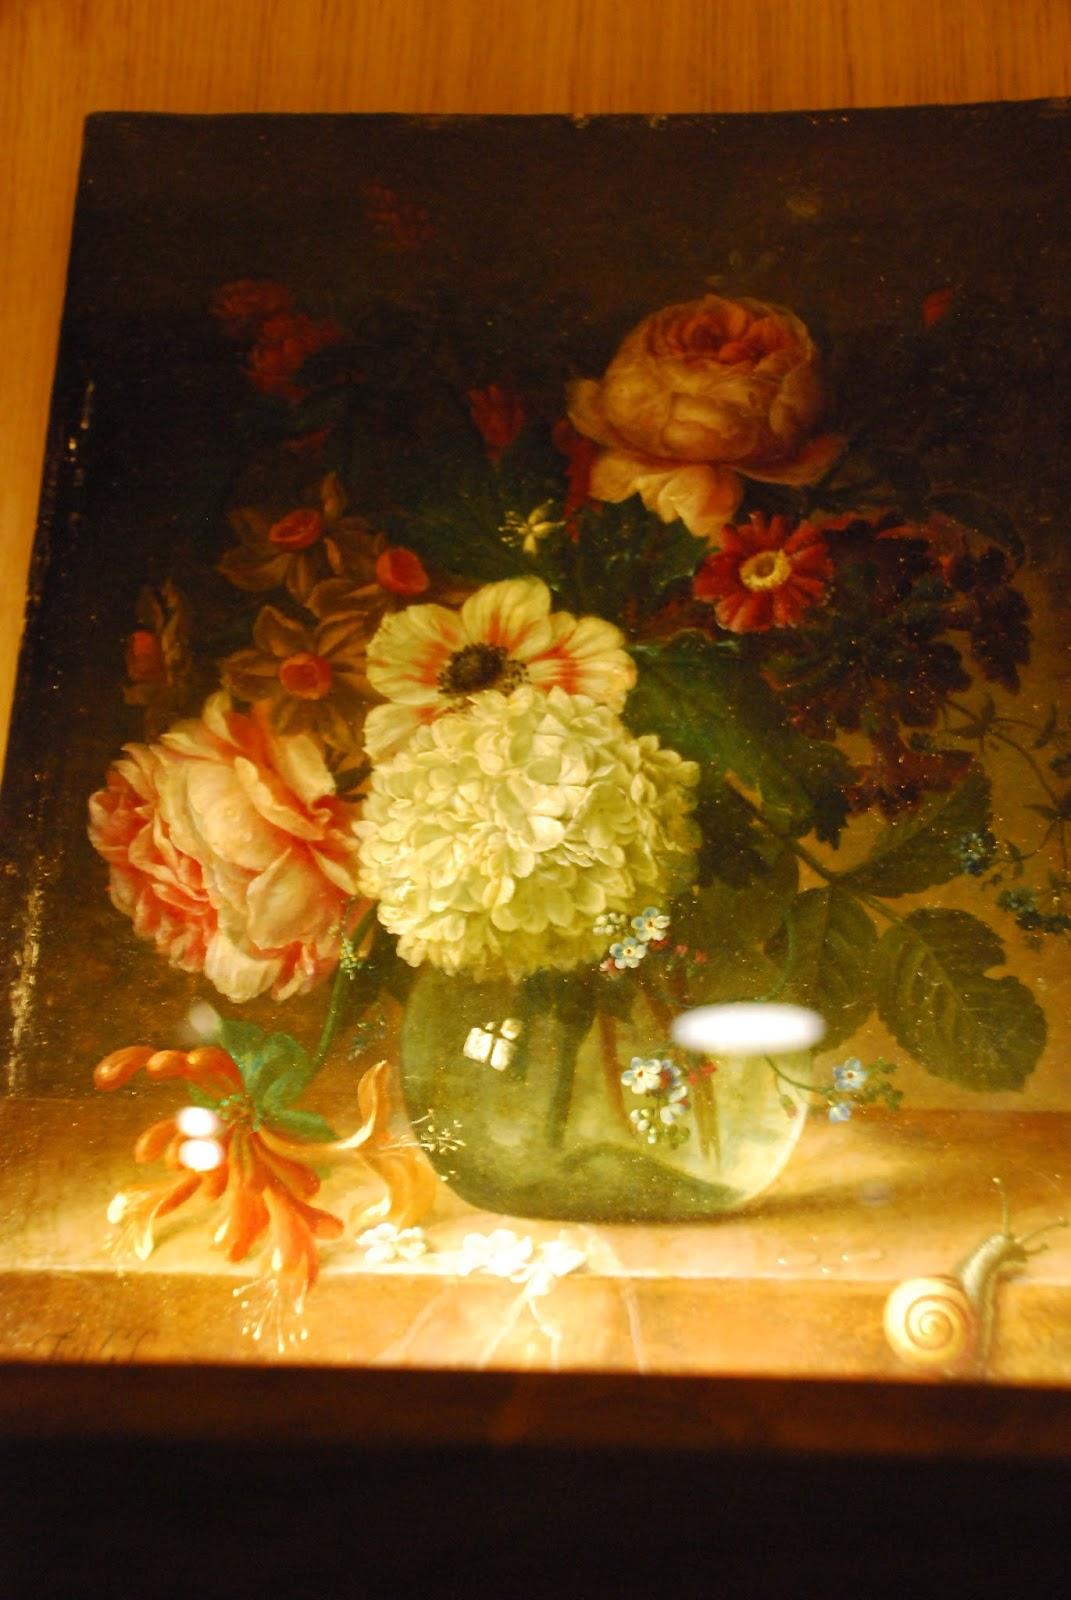 法國巴黎私人的博物館 有收藏了許多漂亮的香水瓶 算是跟團的購物行程